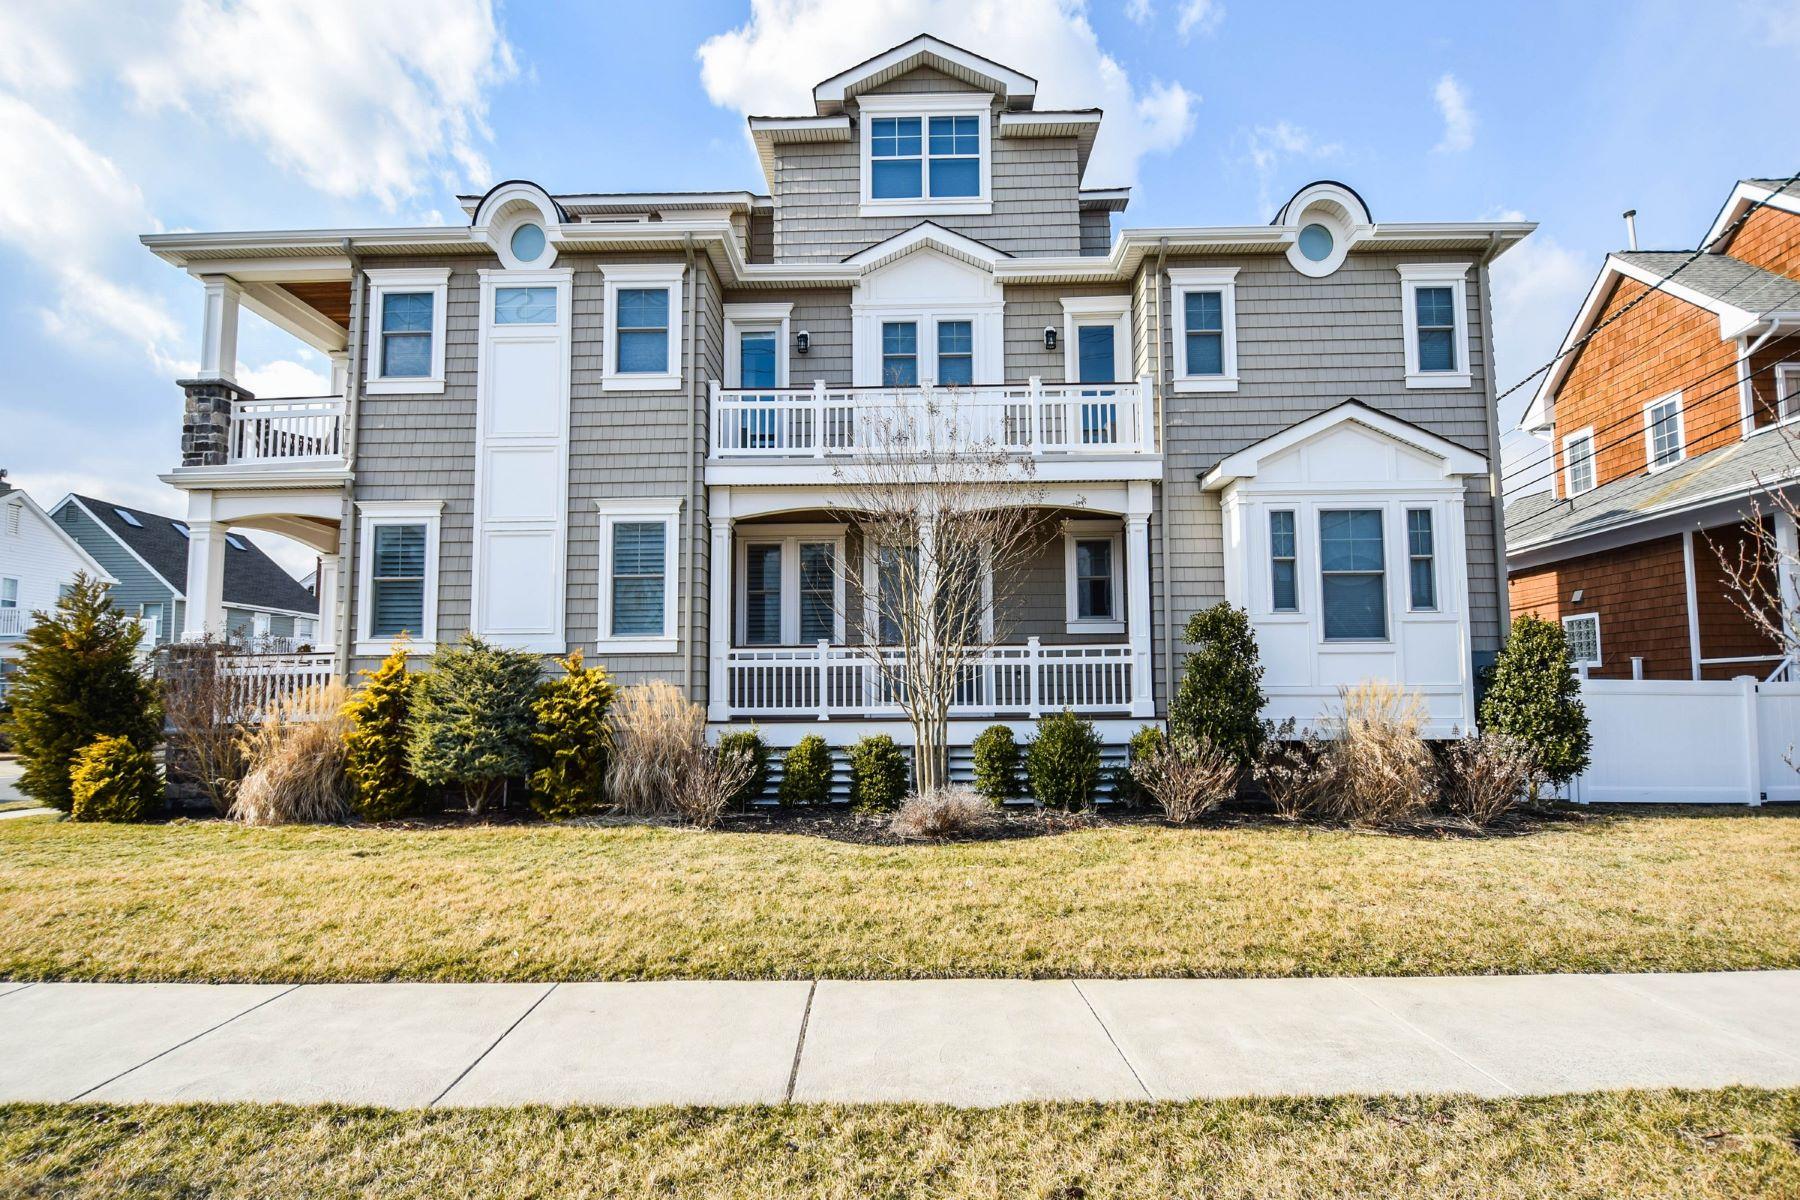 Частный односемейный дом для того Продажа на 19 S Thurlow Ave Margate, Нью-Джерси 08402 Соединенные Штаты